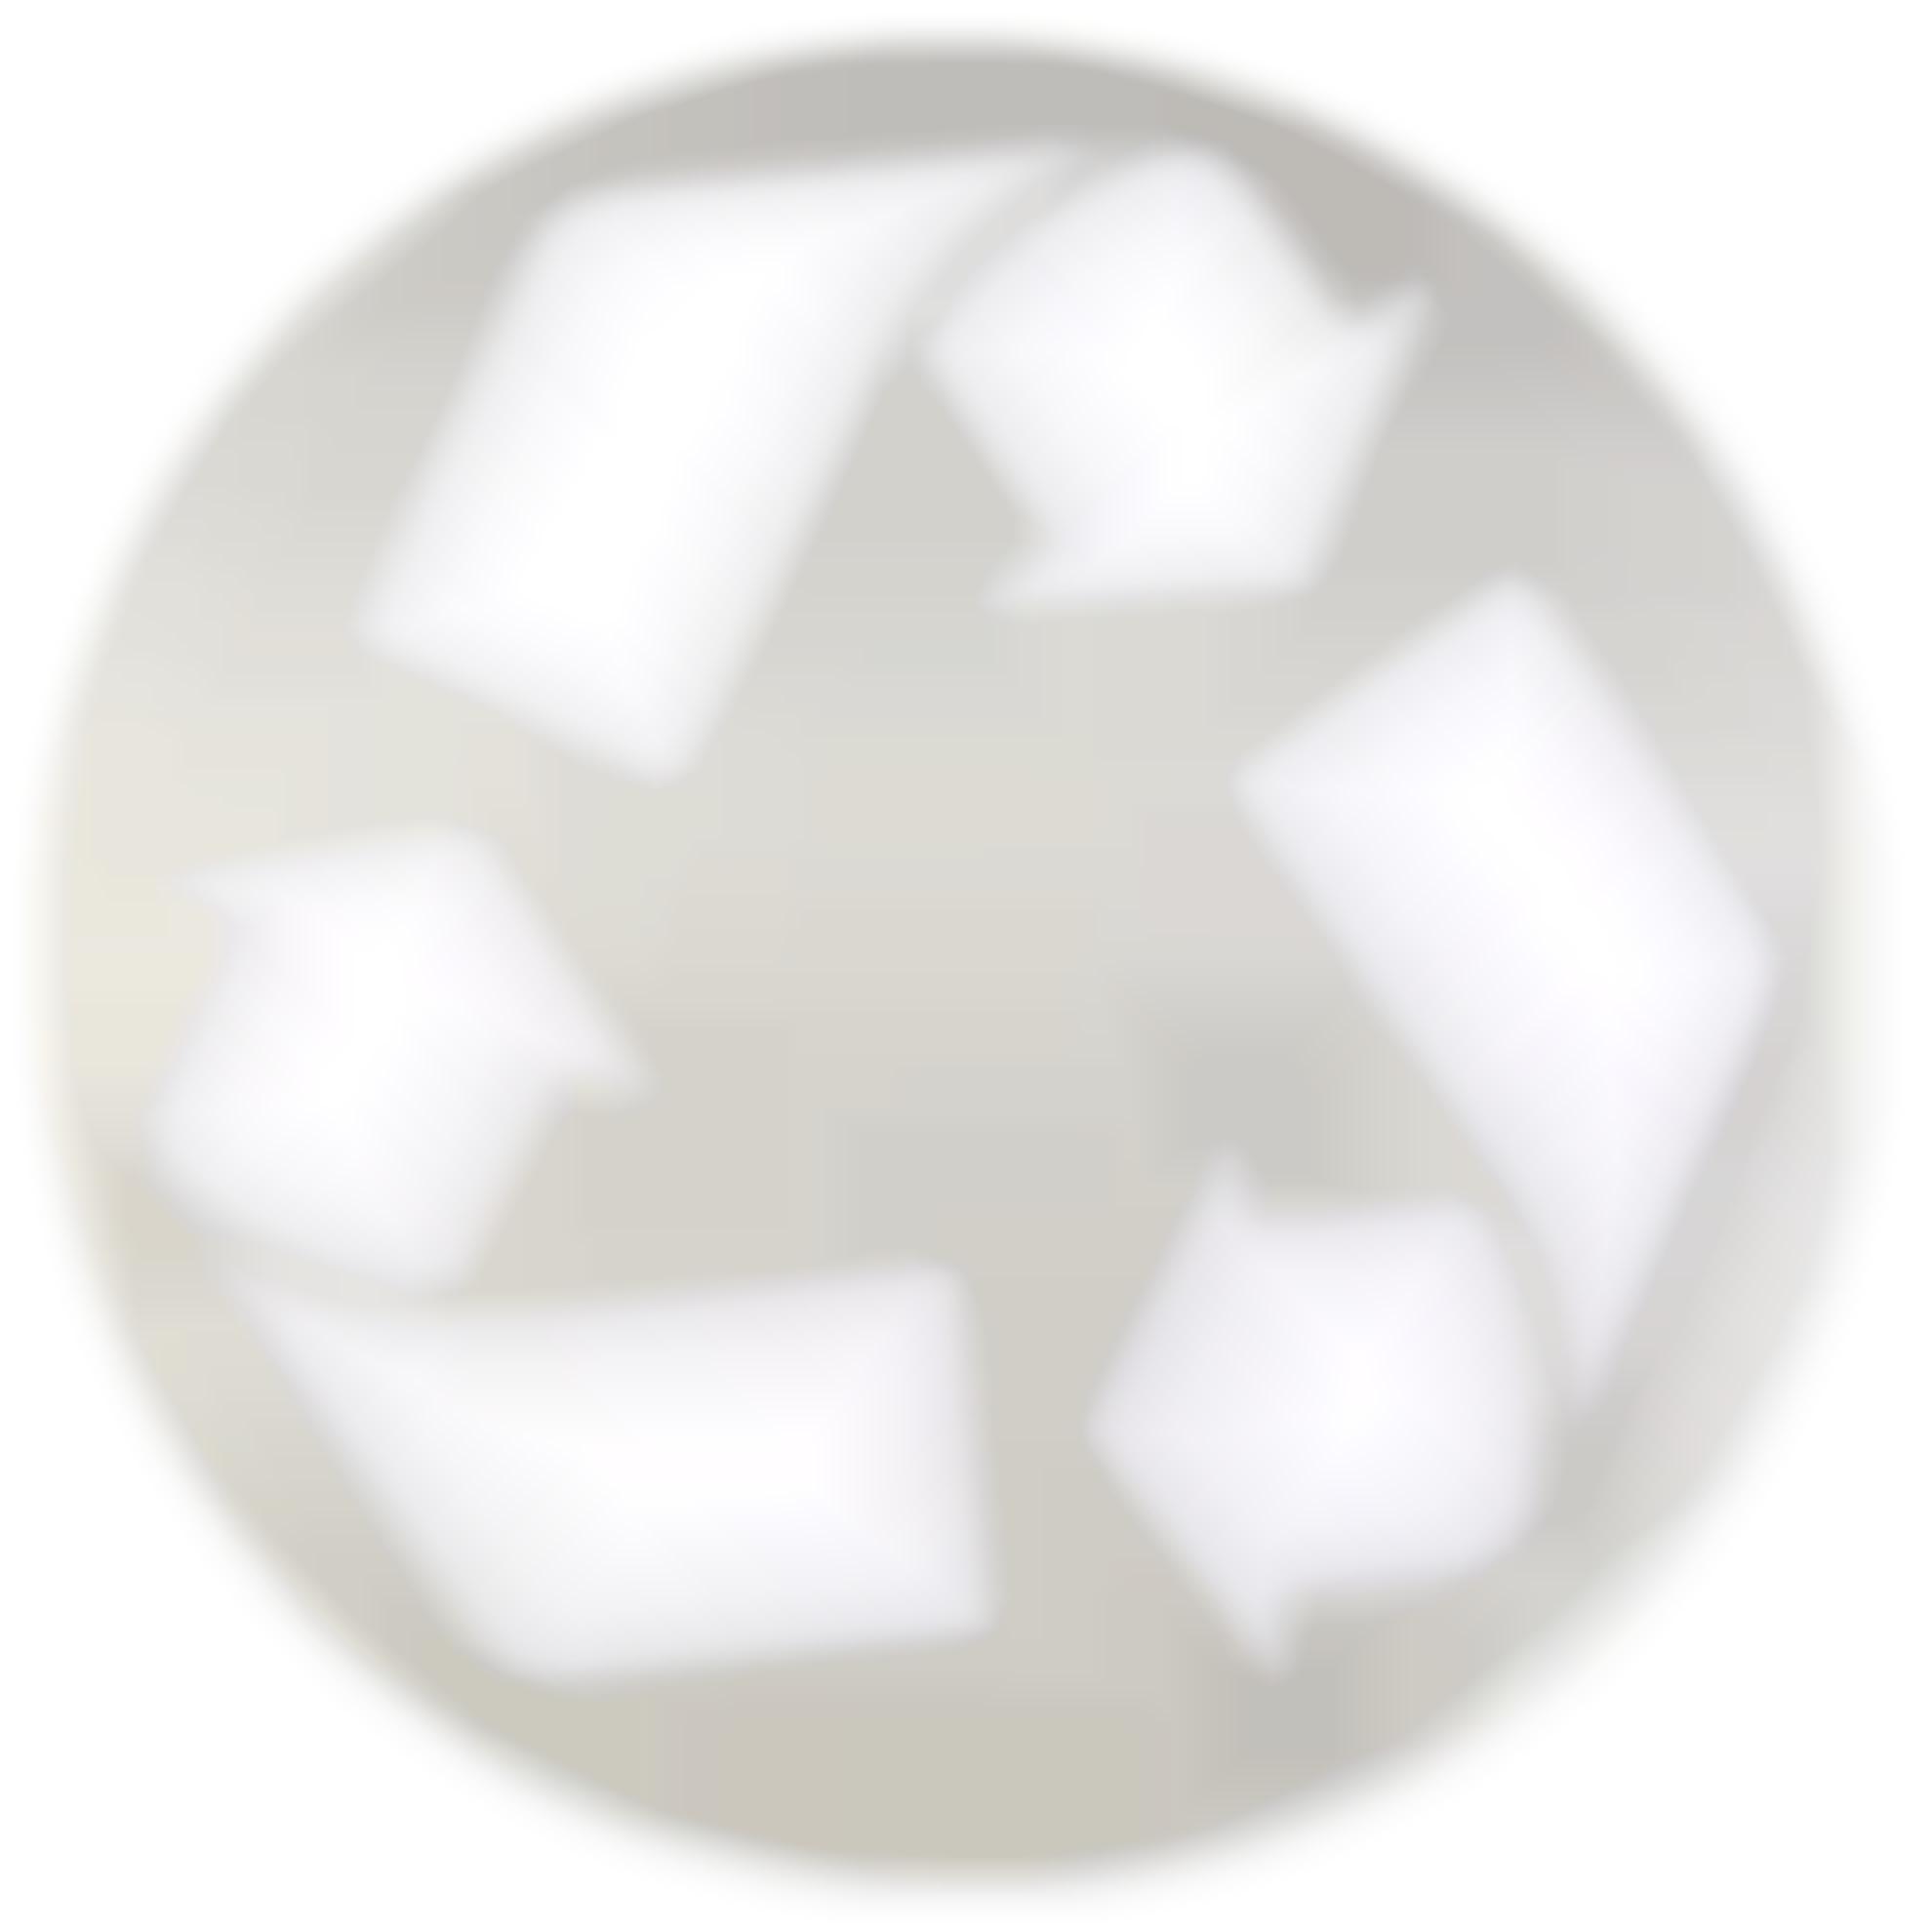 Kelley Walker-Untitled (Recycling Logos)-2006